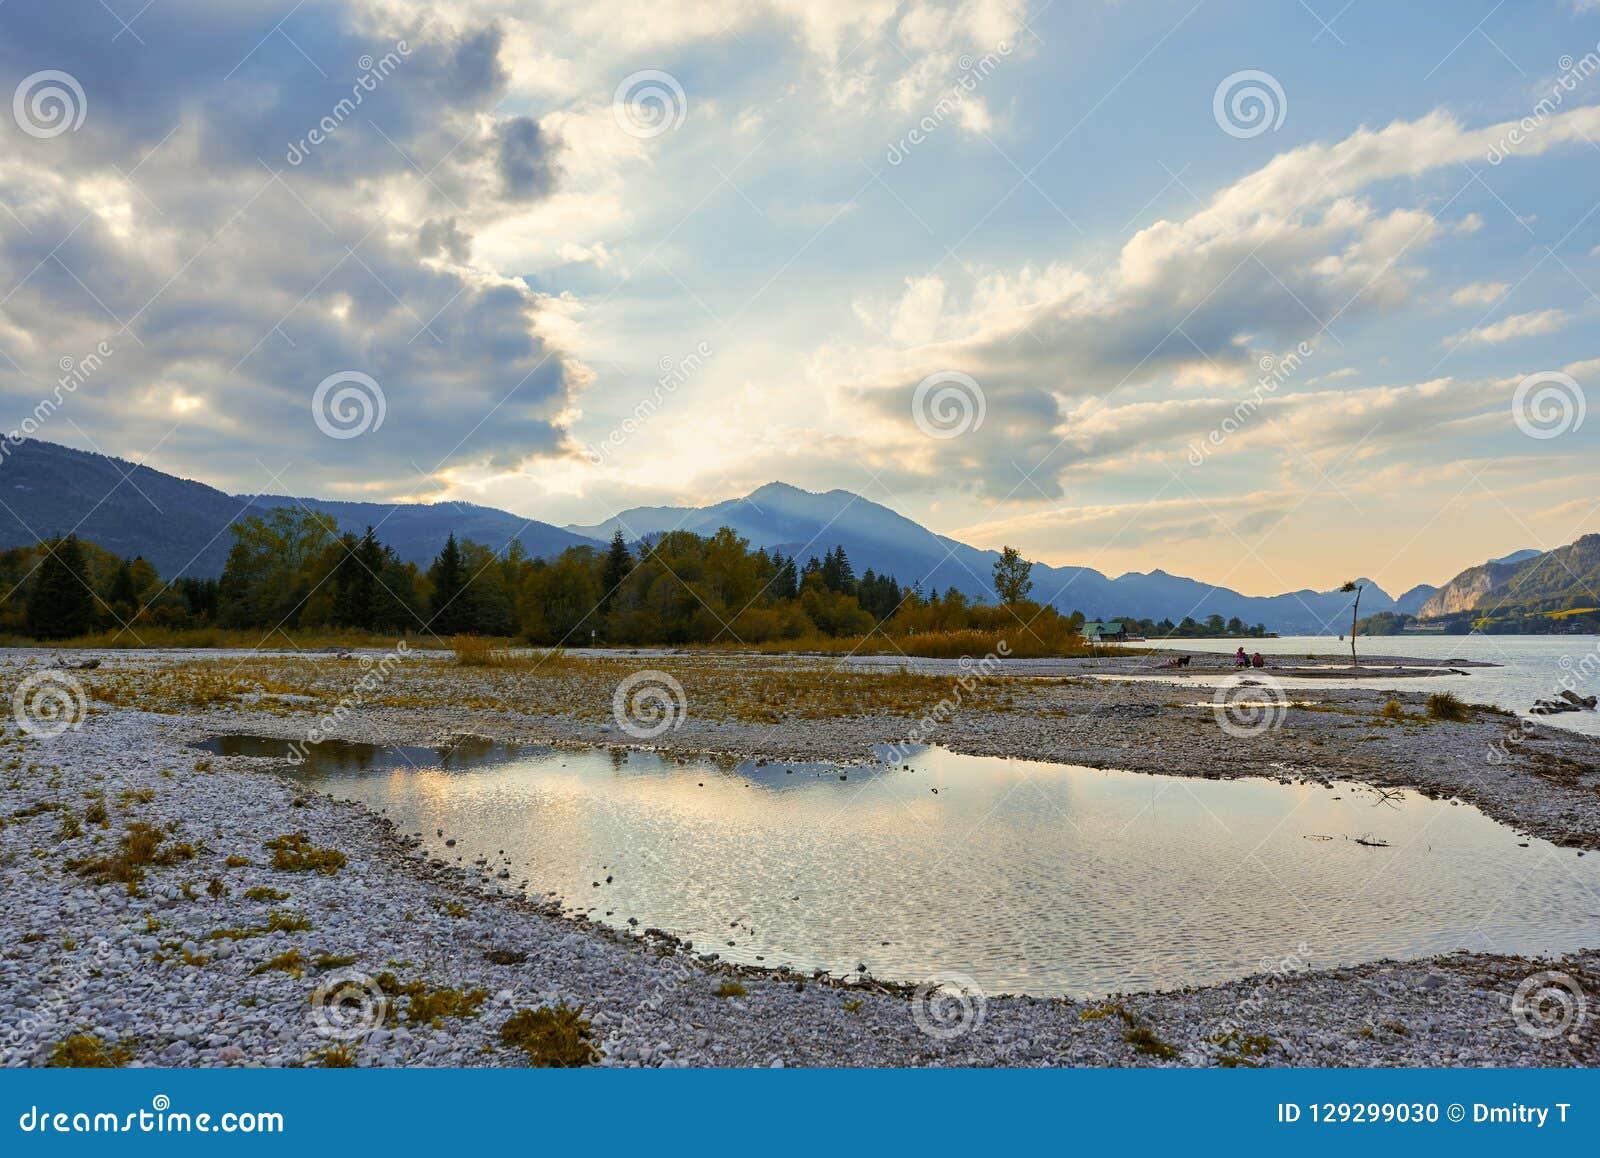 Schöne Landschaft mit See, Bergen, Wald, Wolken und Reflexion im Wasser Österreich, Salzkammergut, Wolfgangsee